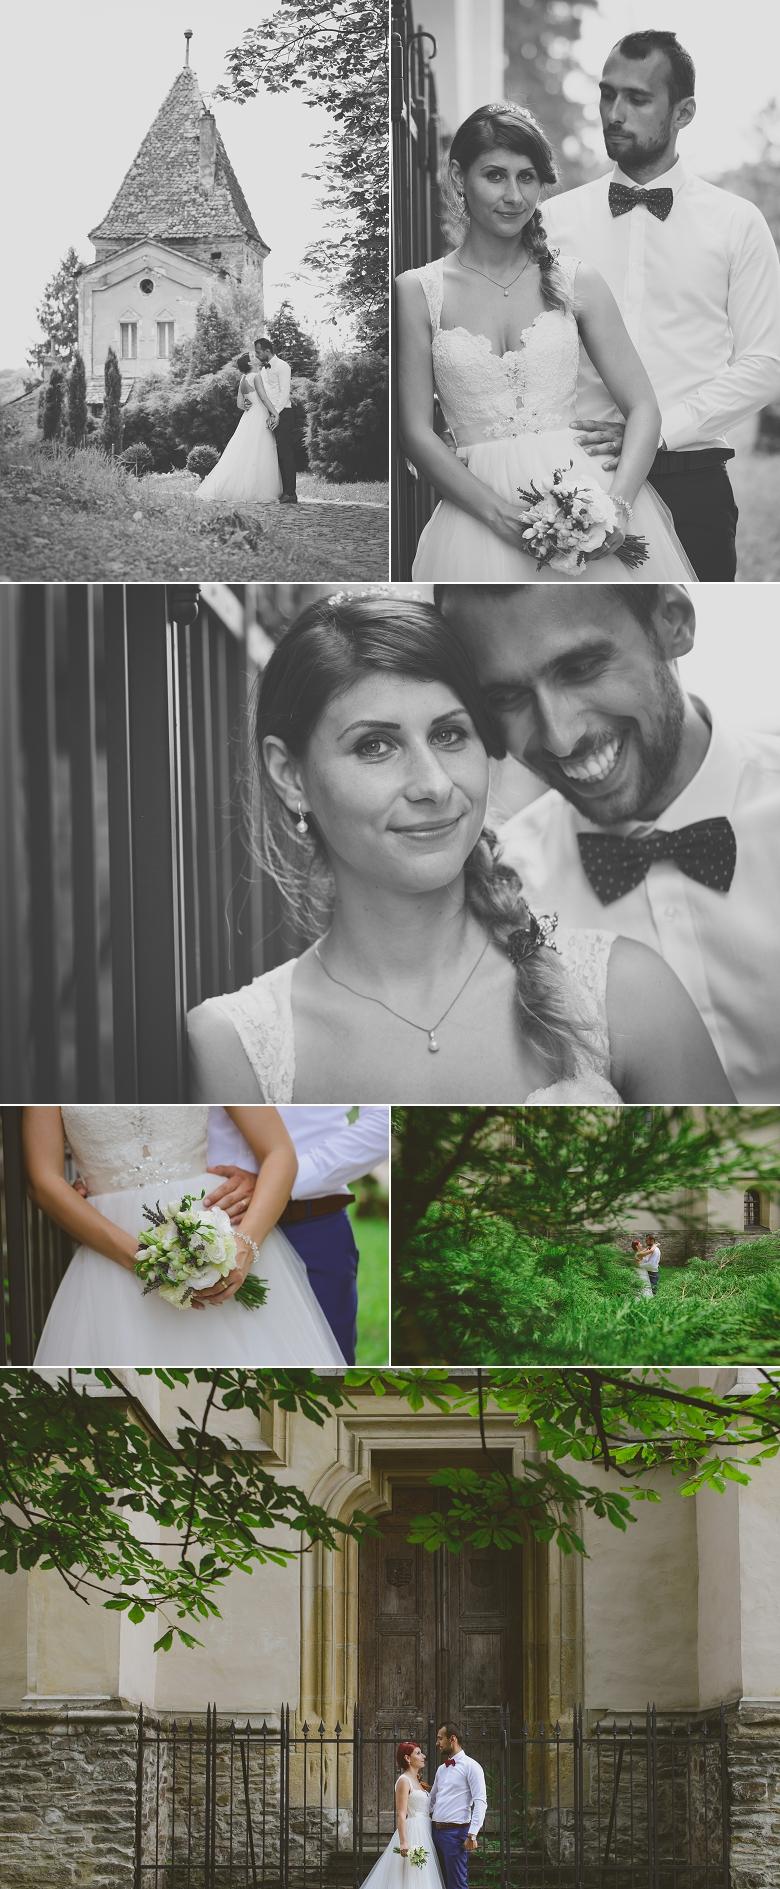 after_wedding_sighisoara_poze_nunta_sighisoara_fotografii_sighisoara_fotograf_nunta_sighisoara 5